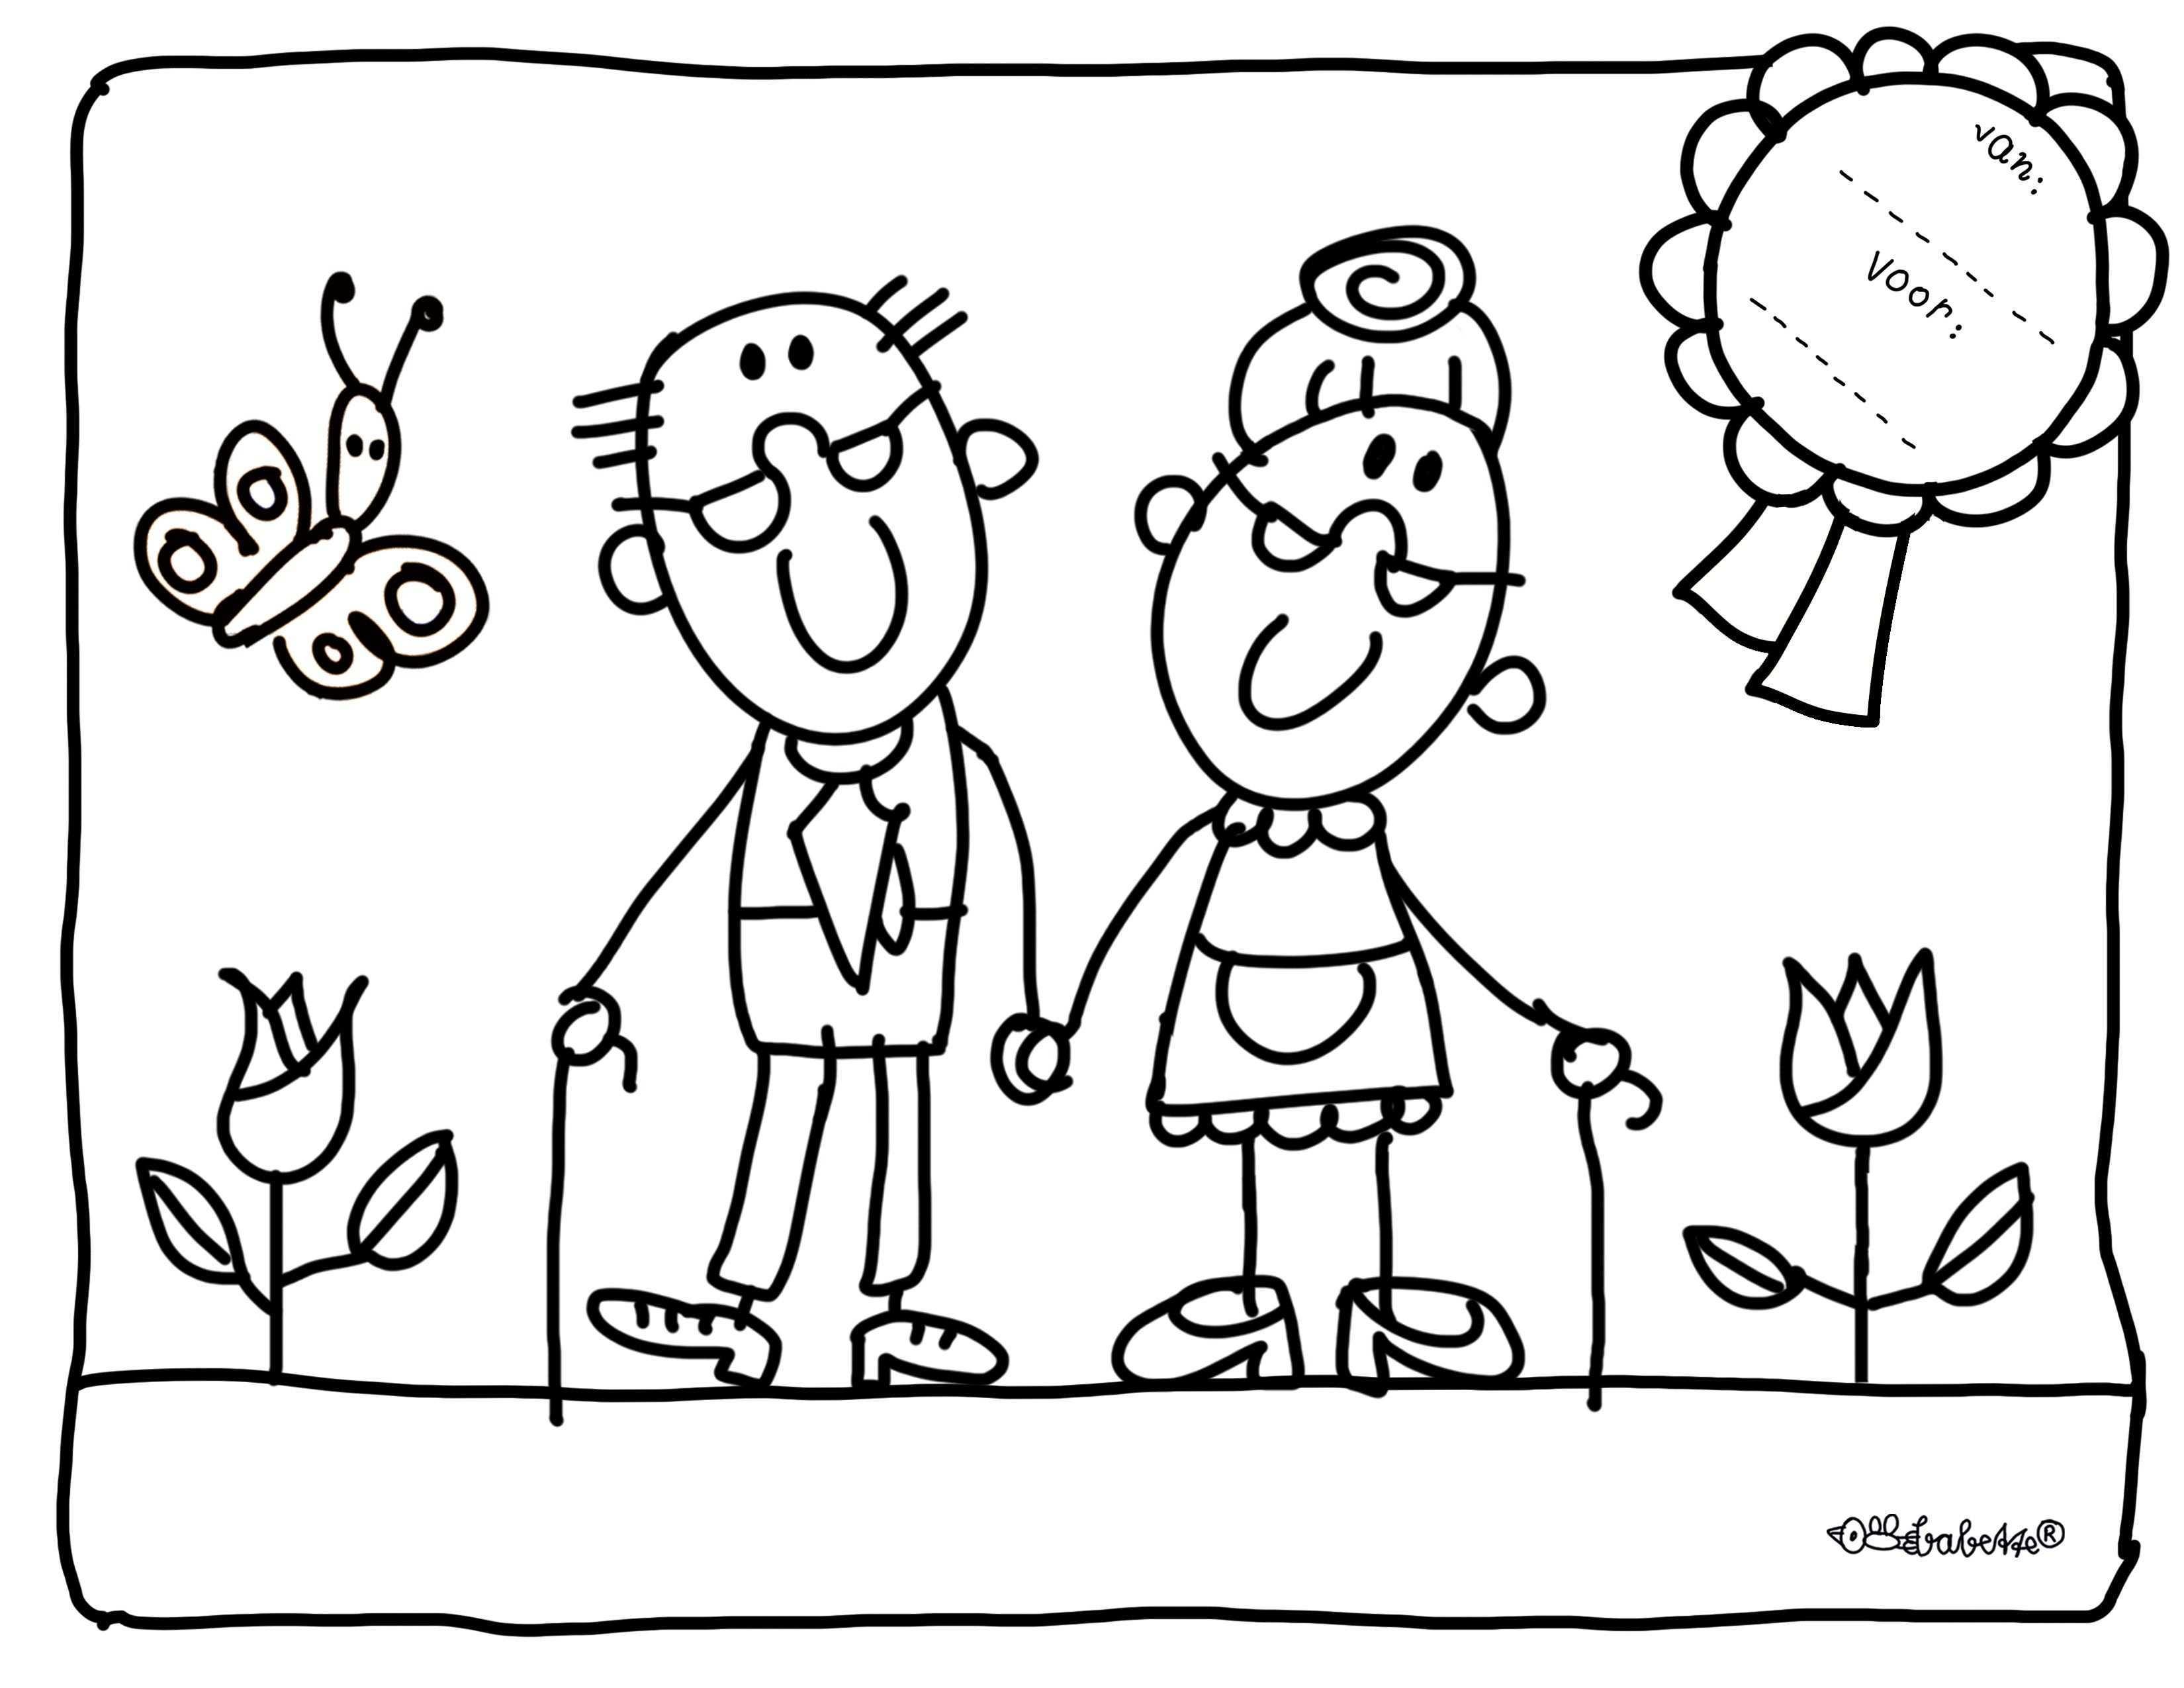 Kleurplaat Opa En Oma Jpg 3 300 2 550 Pixels Knutselen Opa En Oma Knutselen Voor Opa Kleurboek